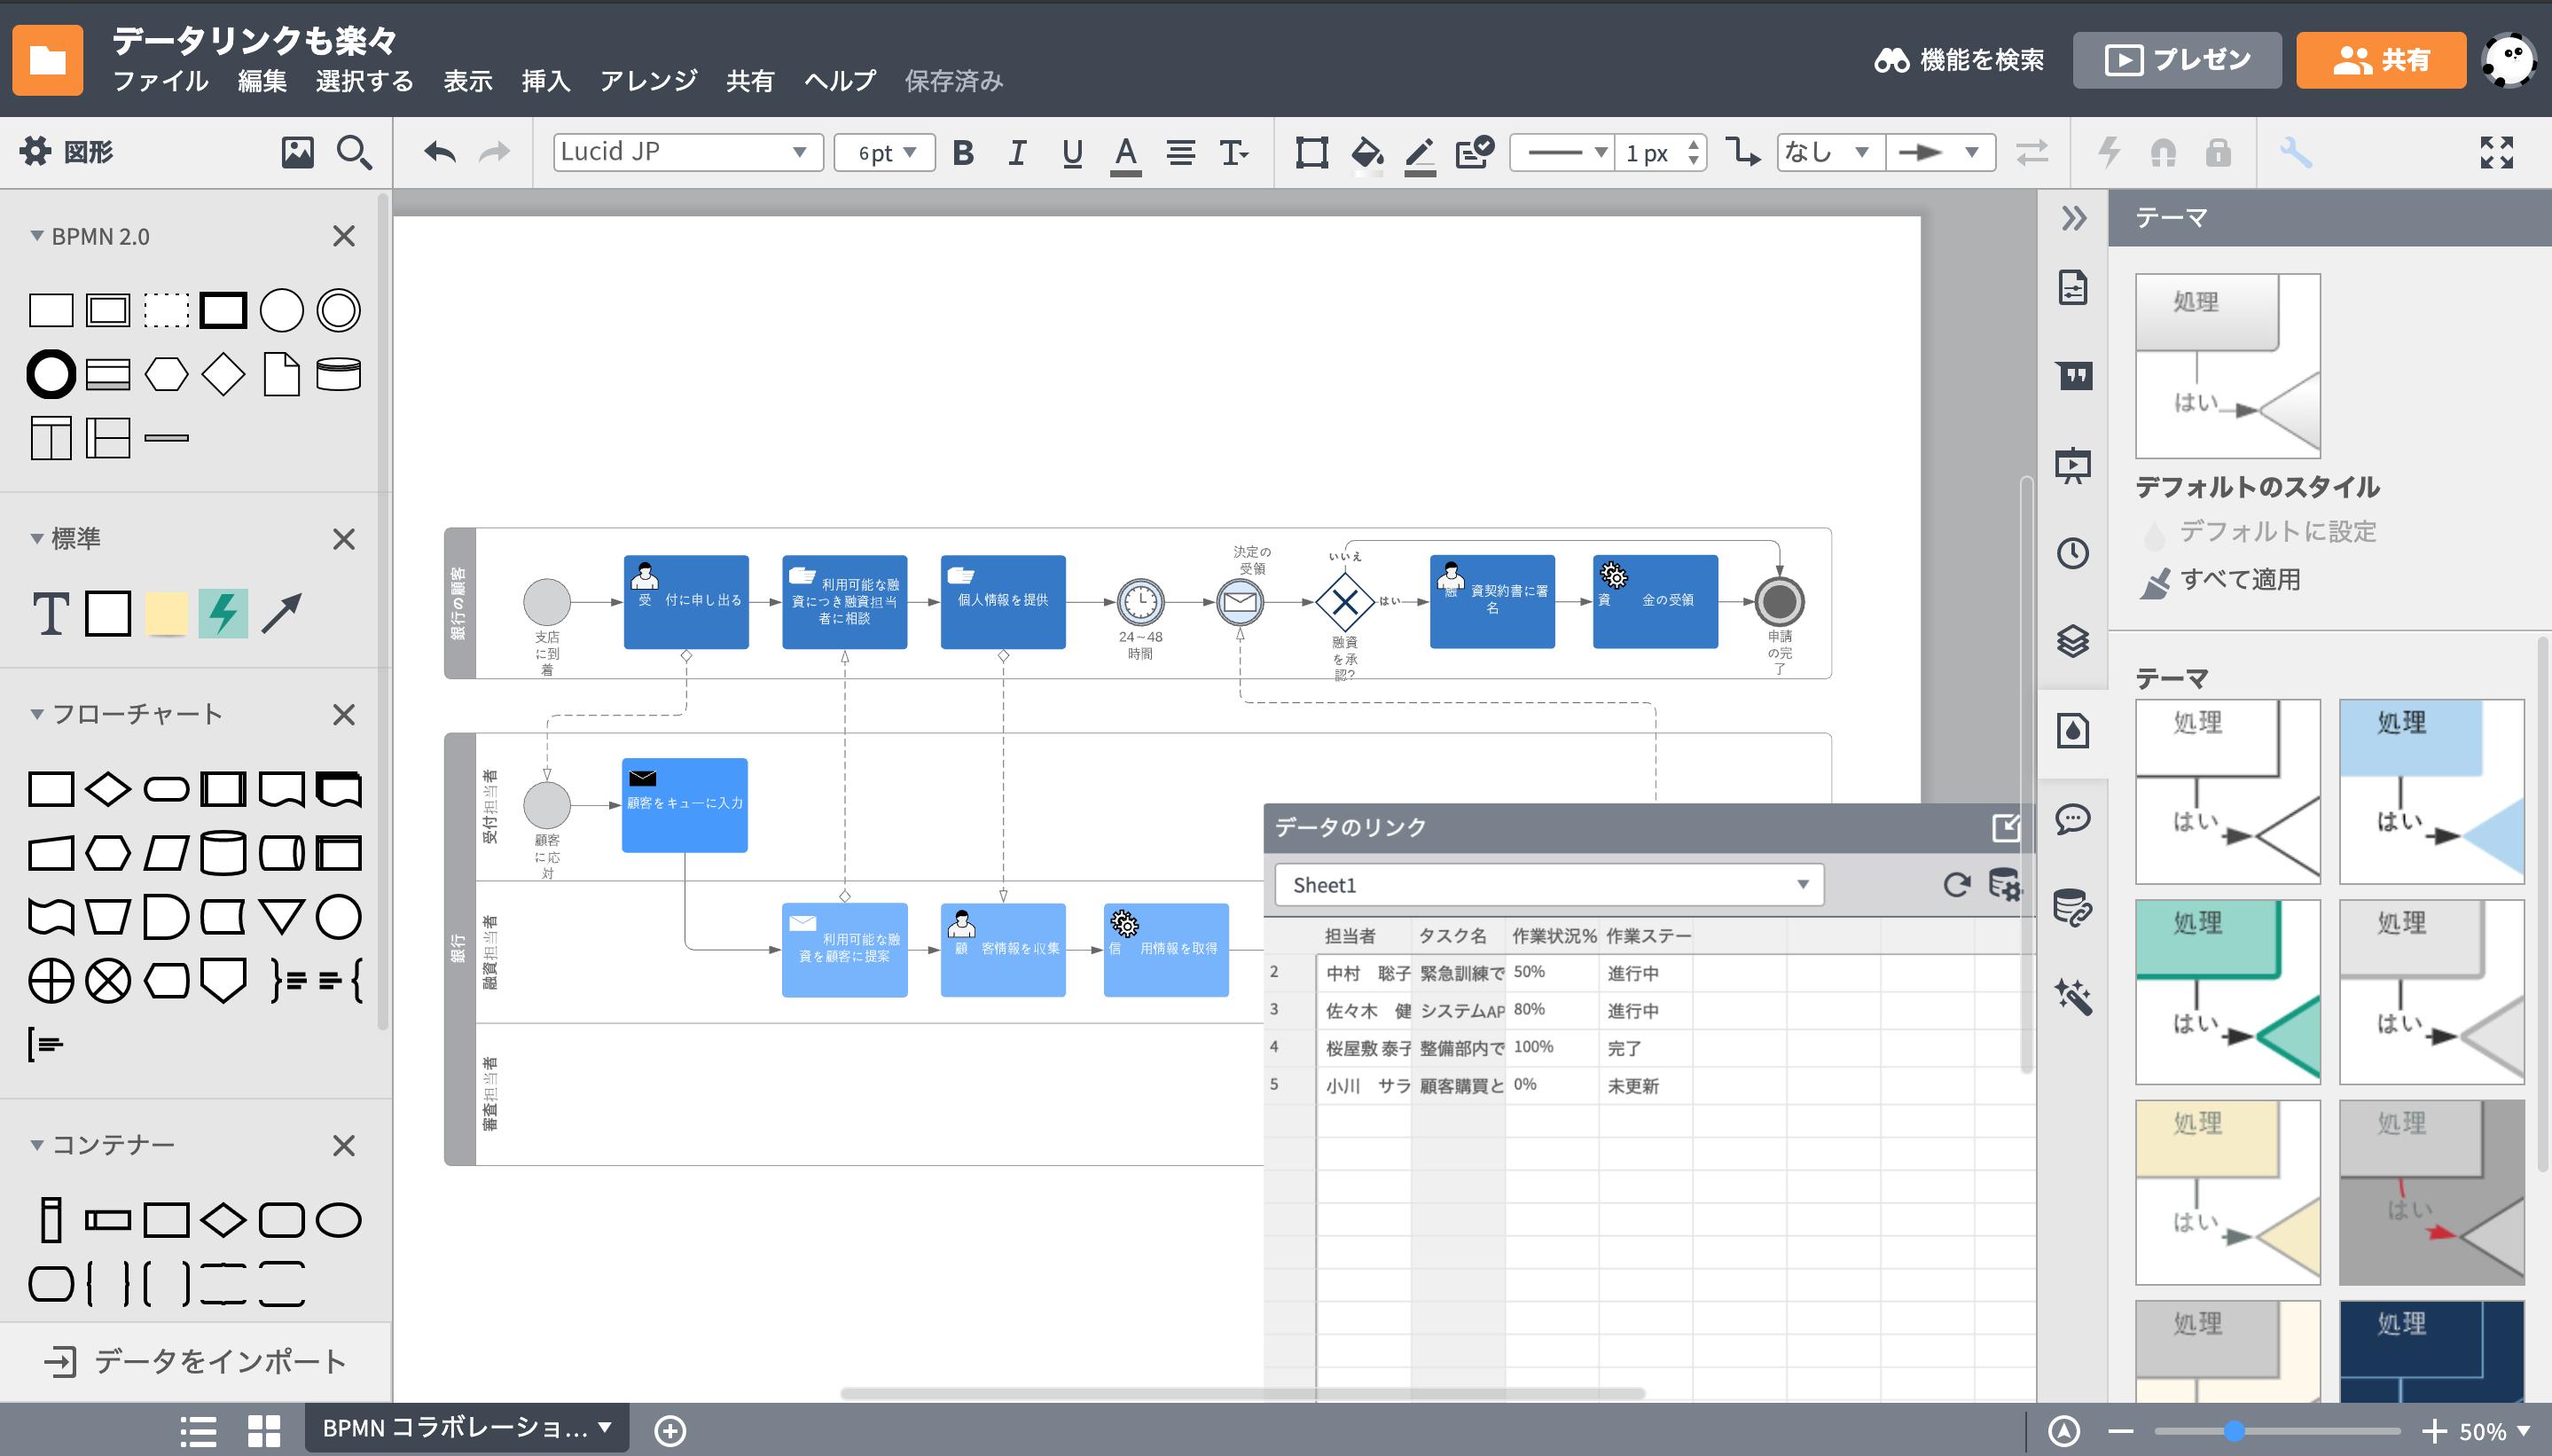 データリンク機能業務フローツール